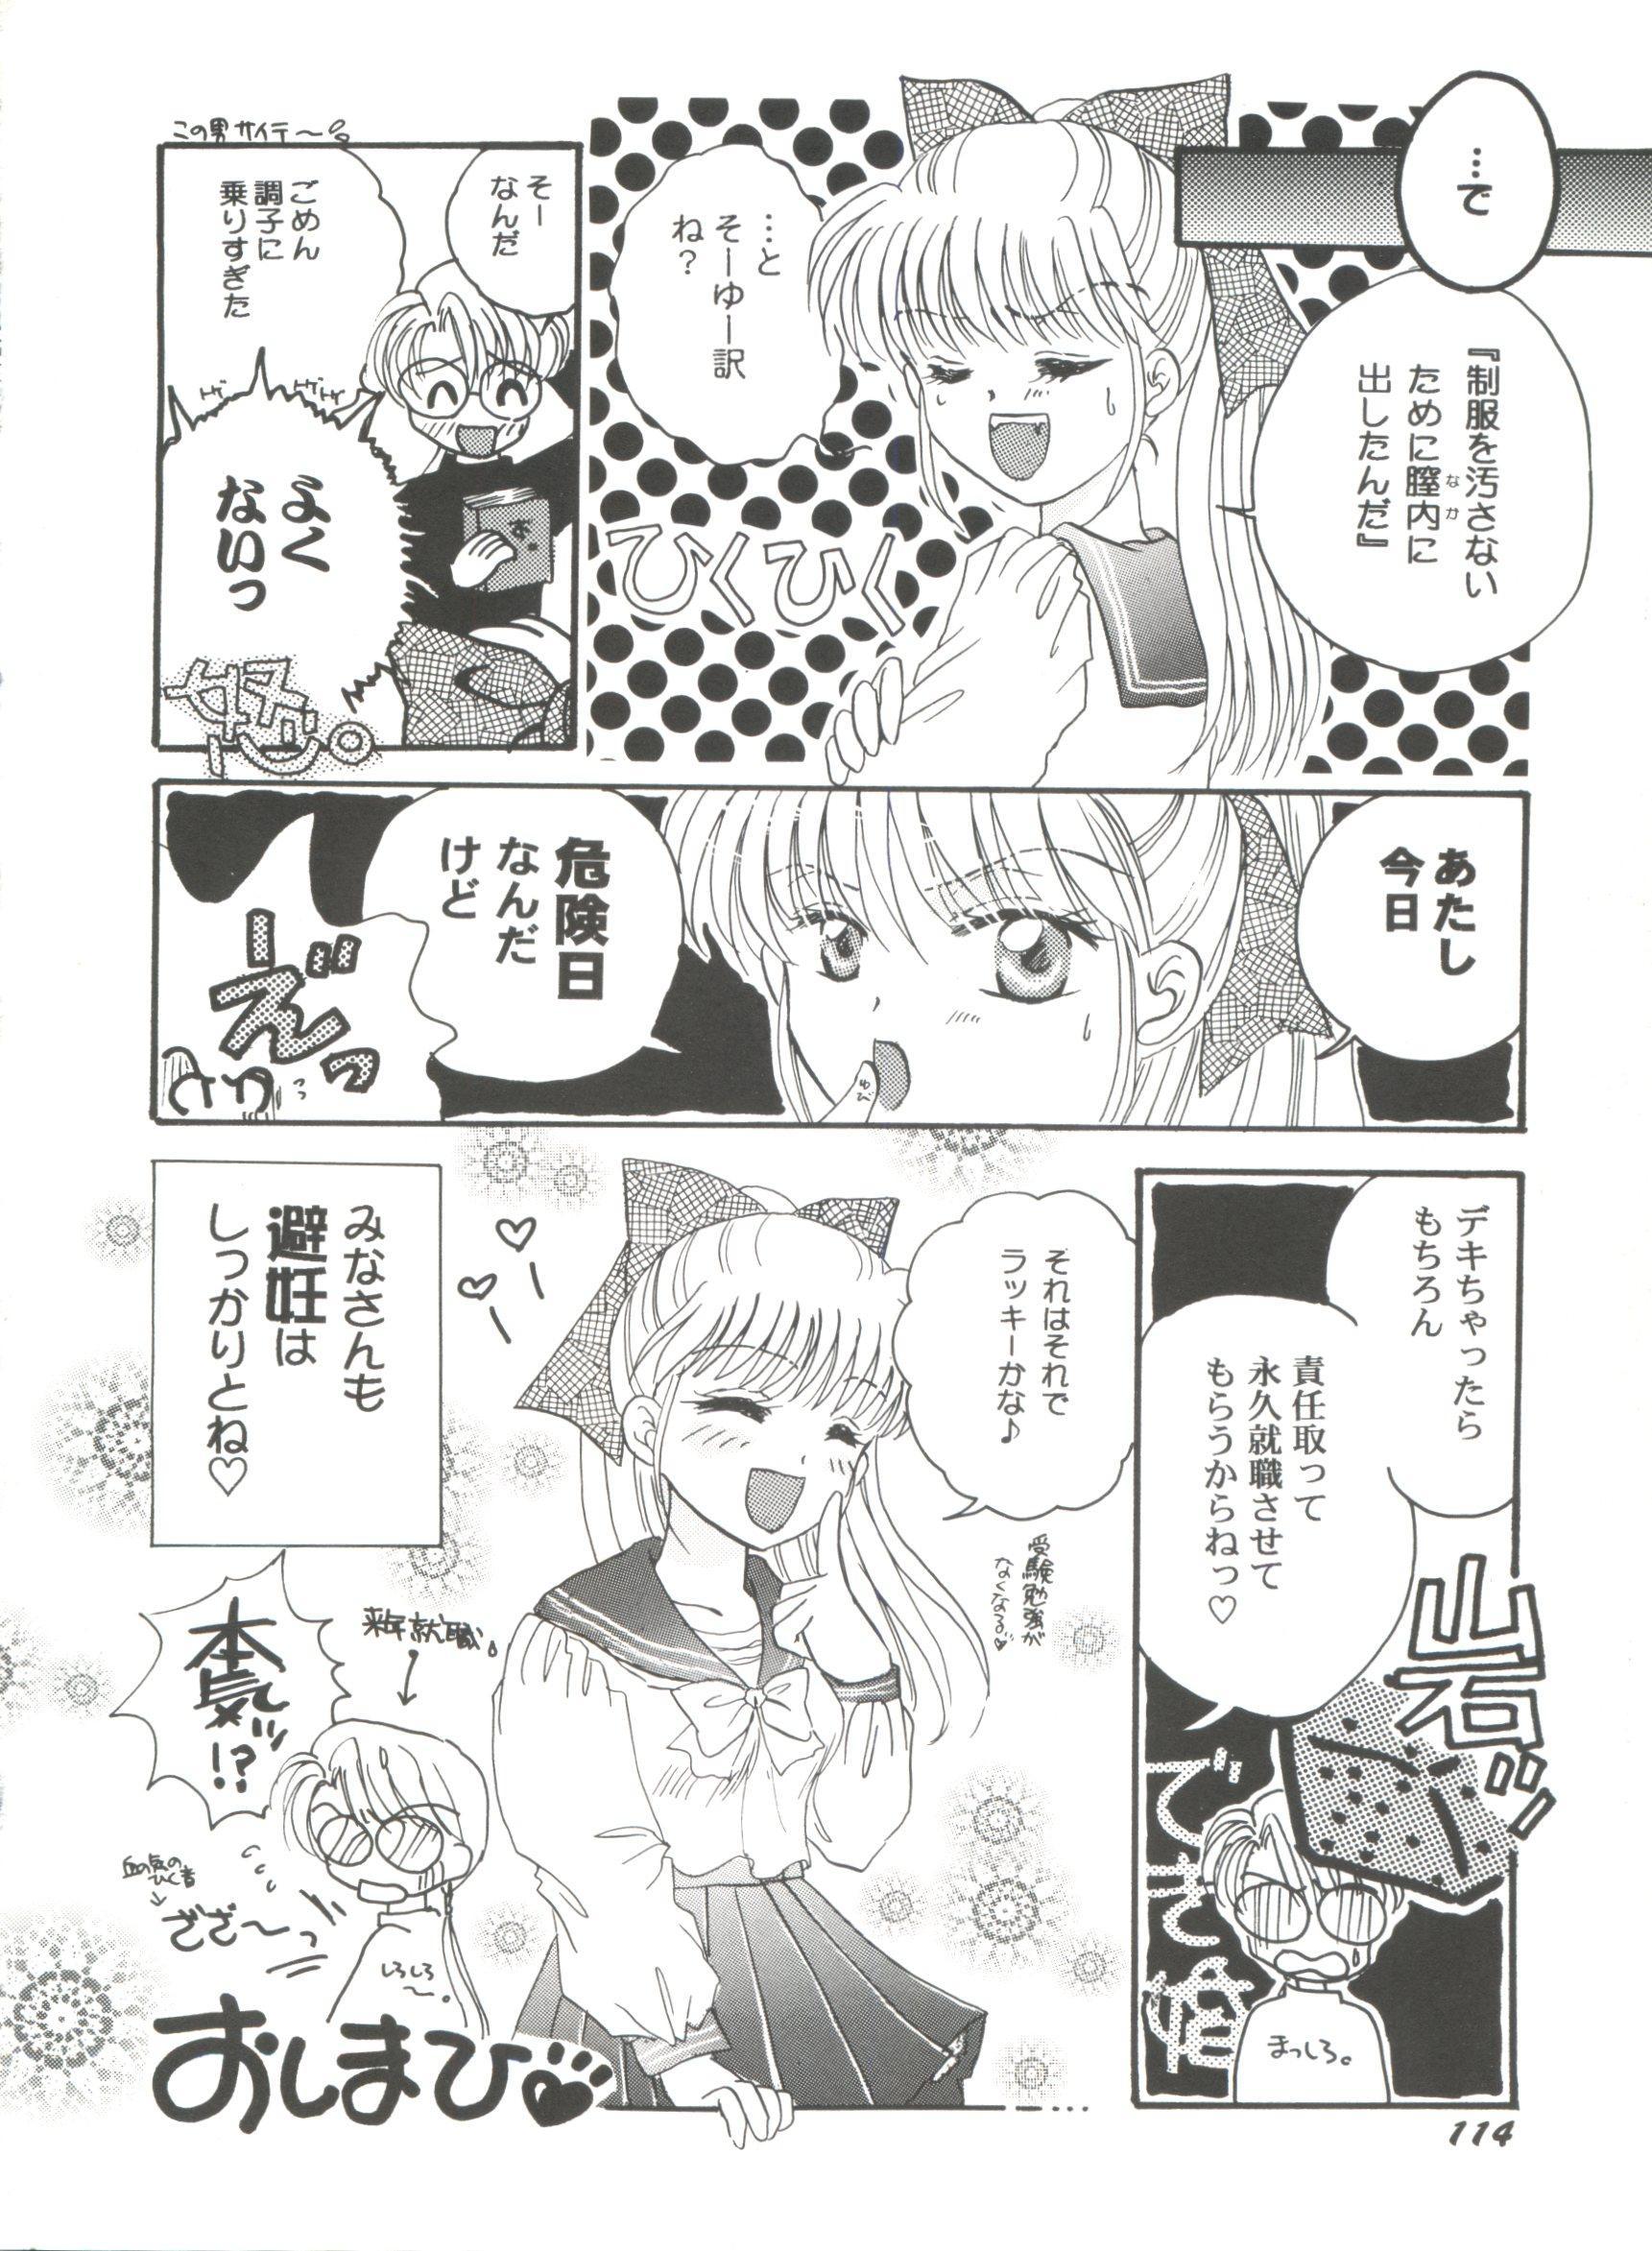 Bishoujo Doujinshi Anthology Cute 4 115